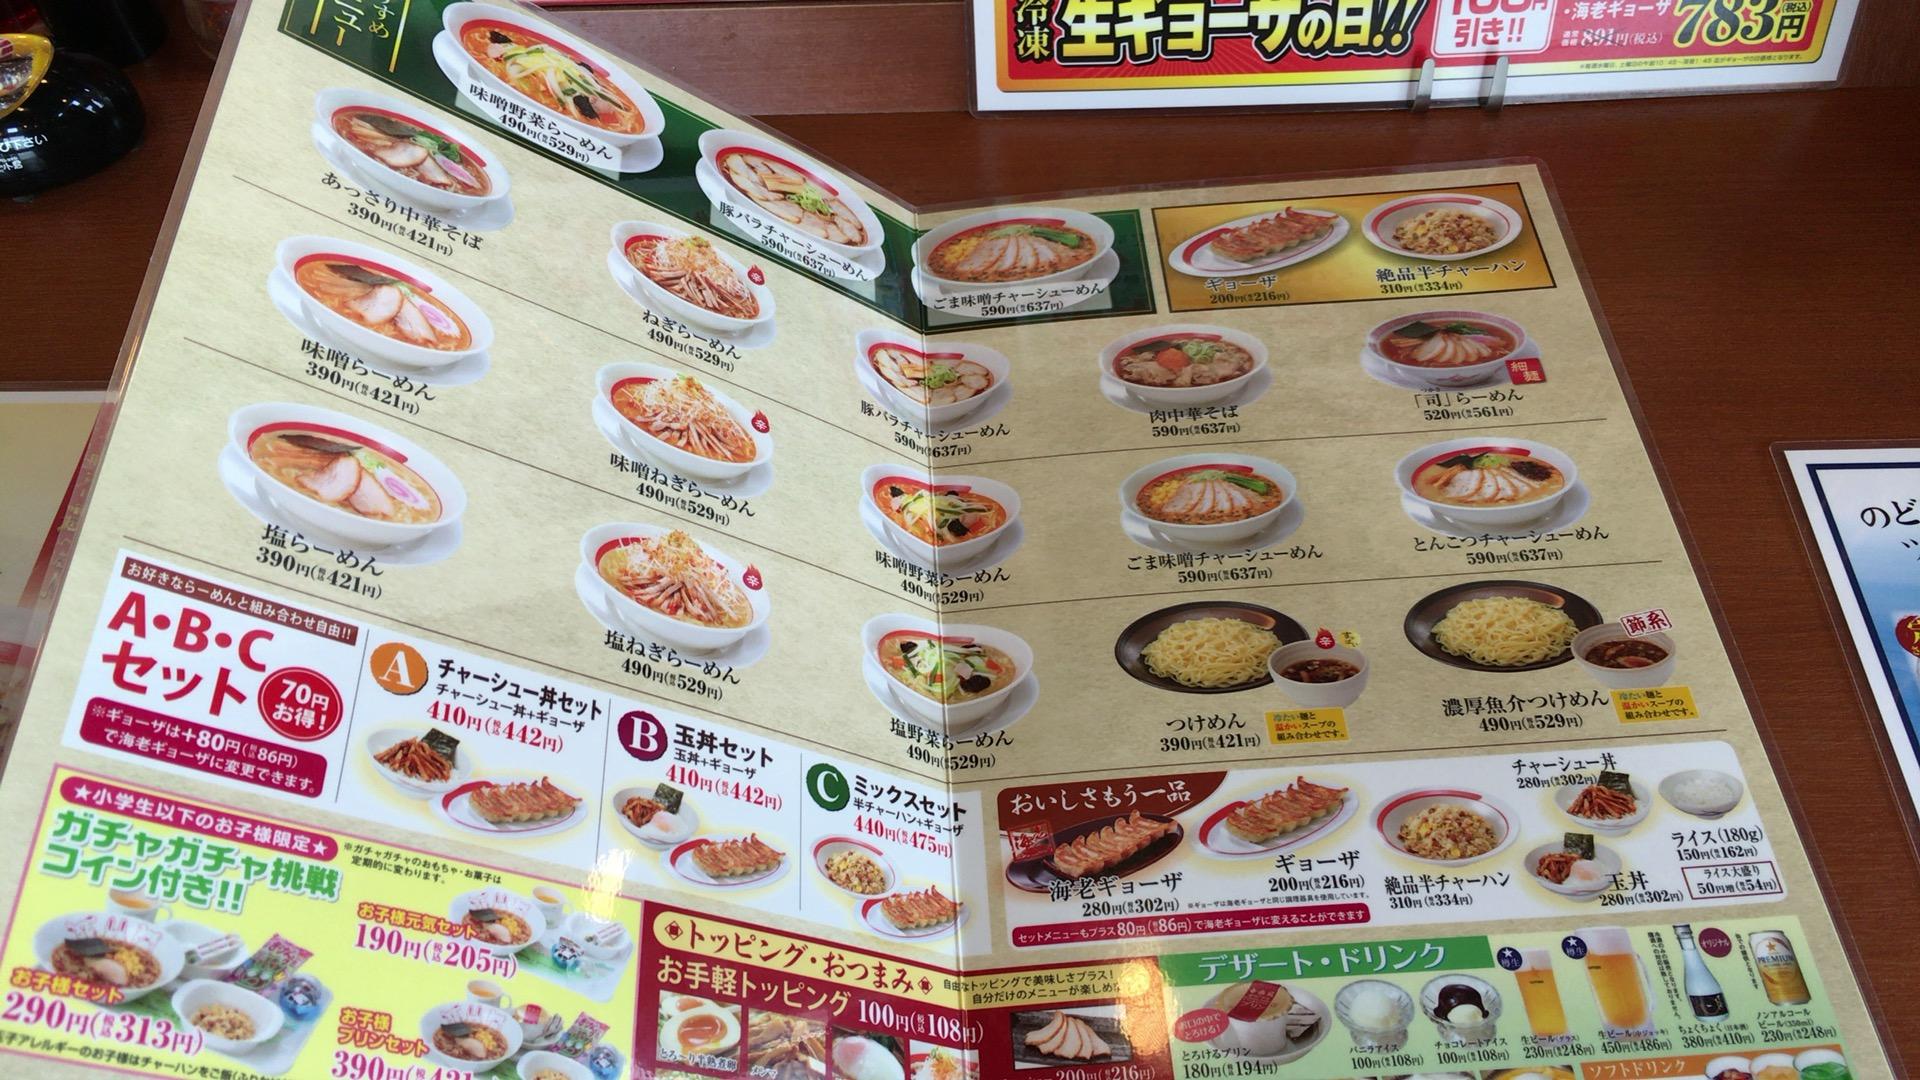 【埼玉県】安いラーメン店「幸楽苑」メニューと店舗一覧